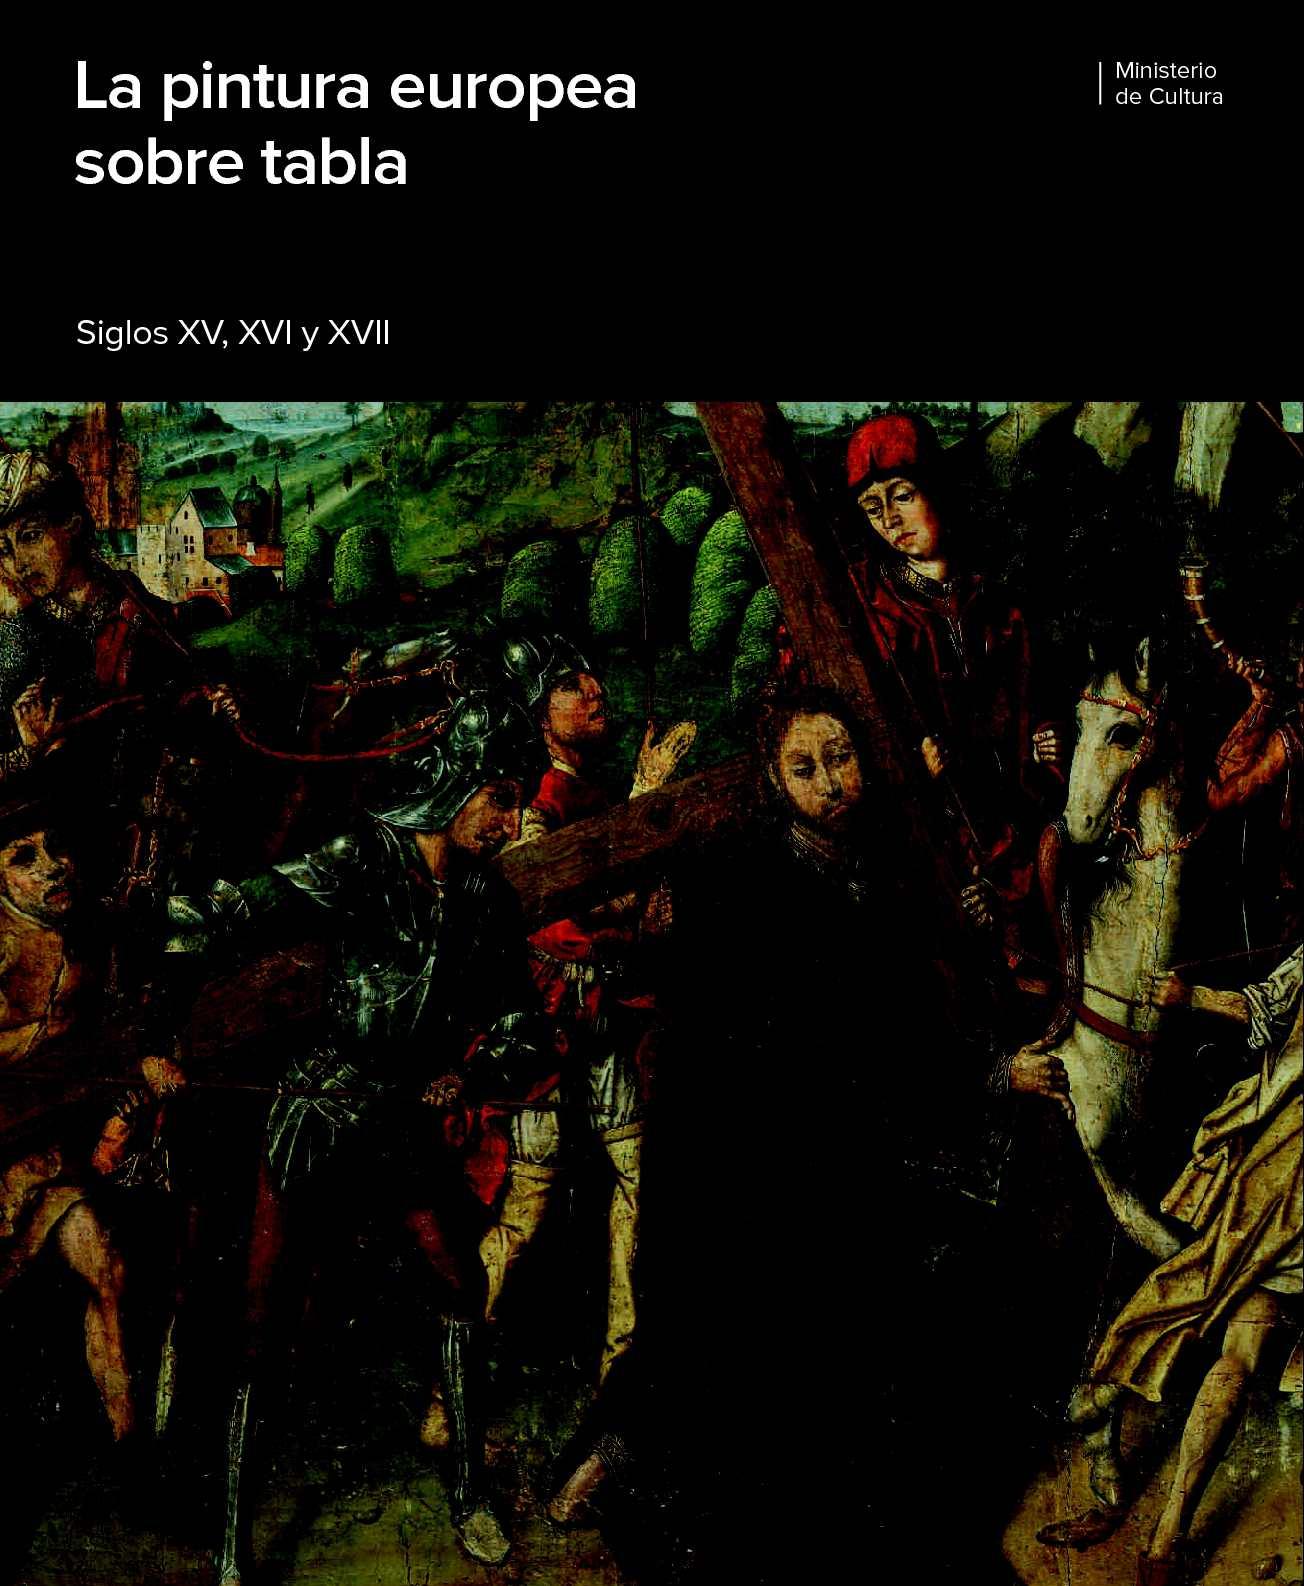 La pintura europea sobre tabla. siglos XV, XVI y XVII